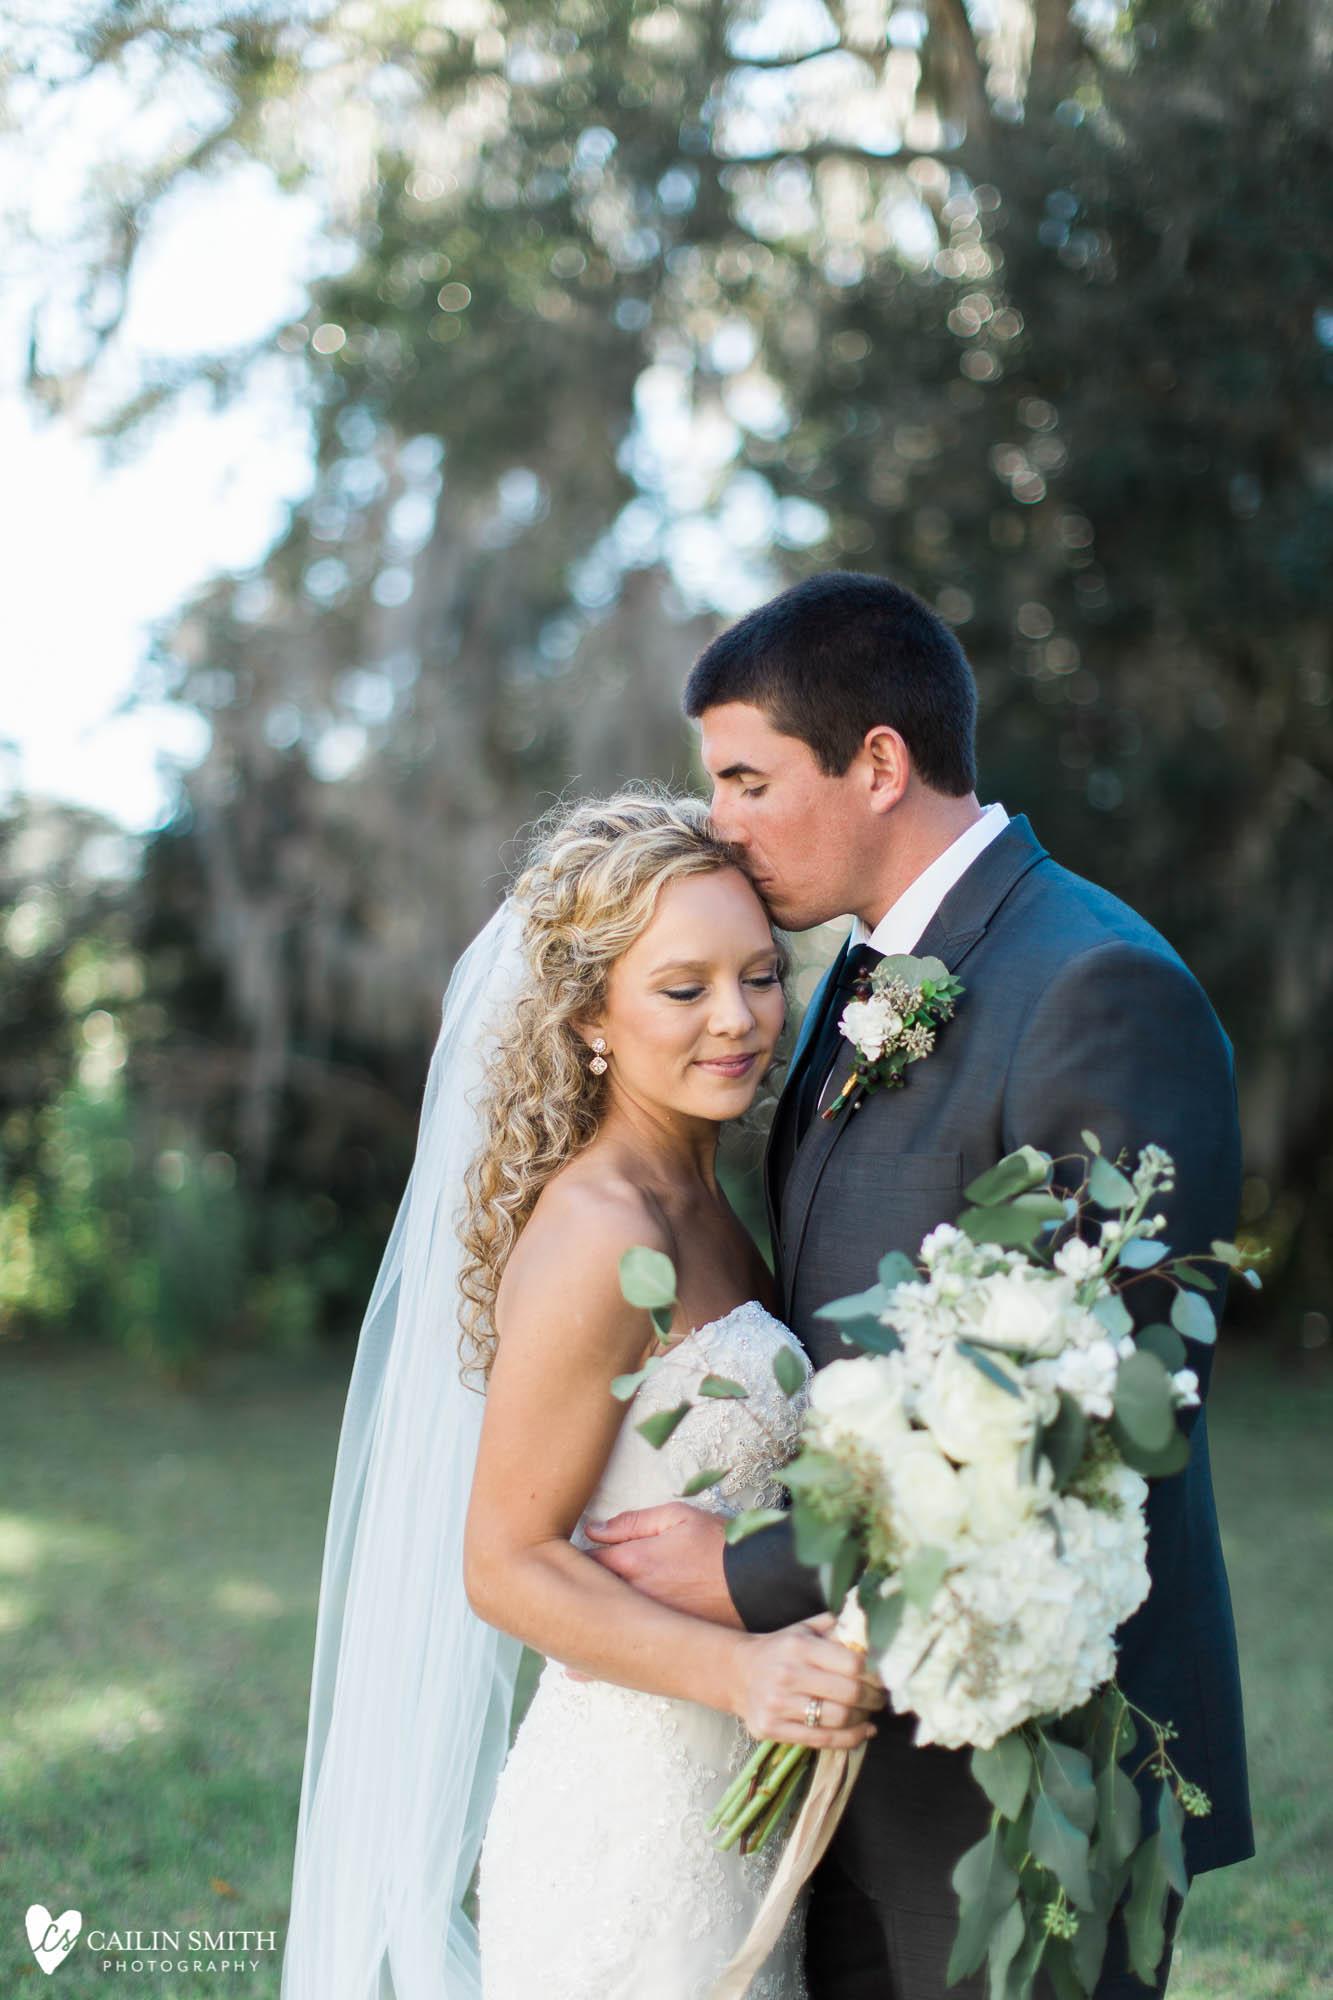 Leah_Major_St_Marys_Wedding_Photography_052.jpg